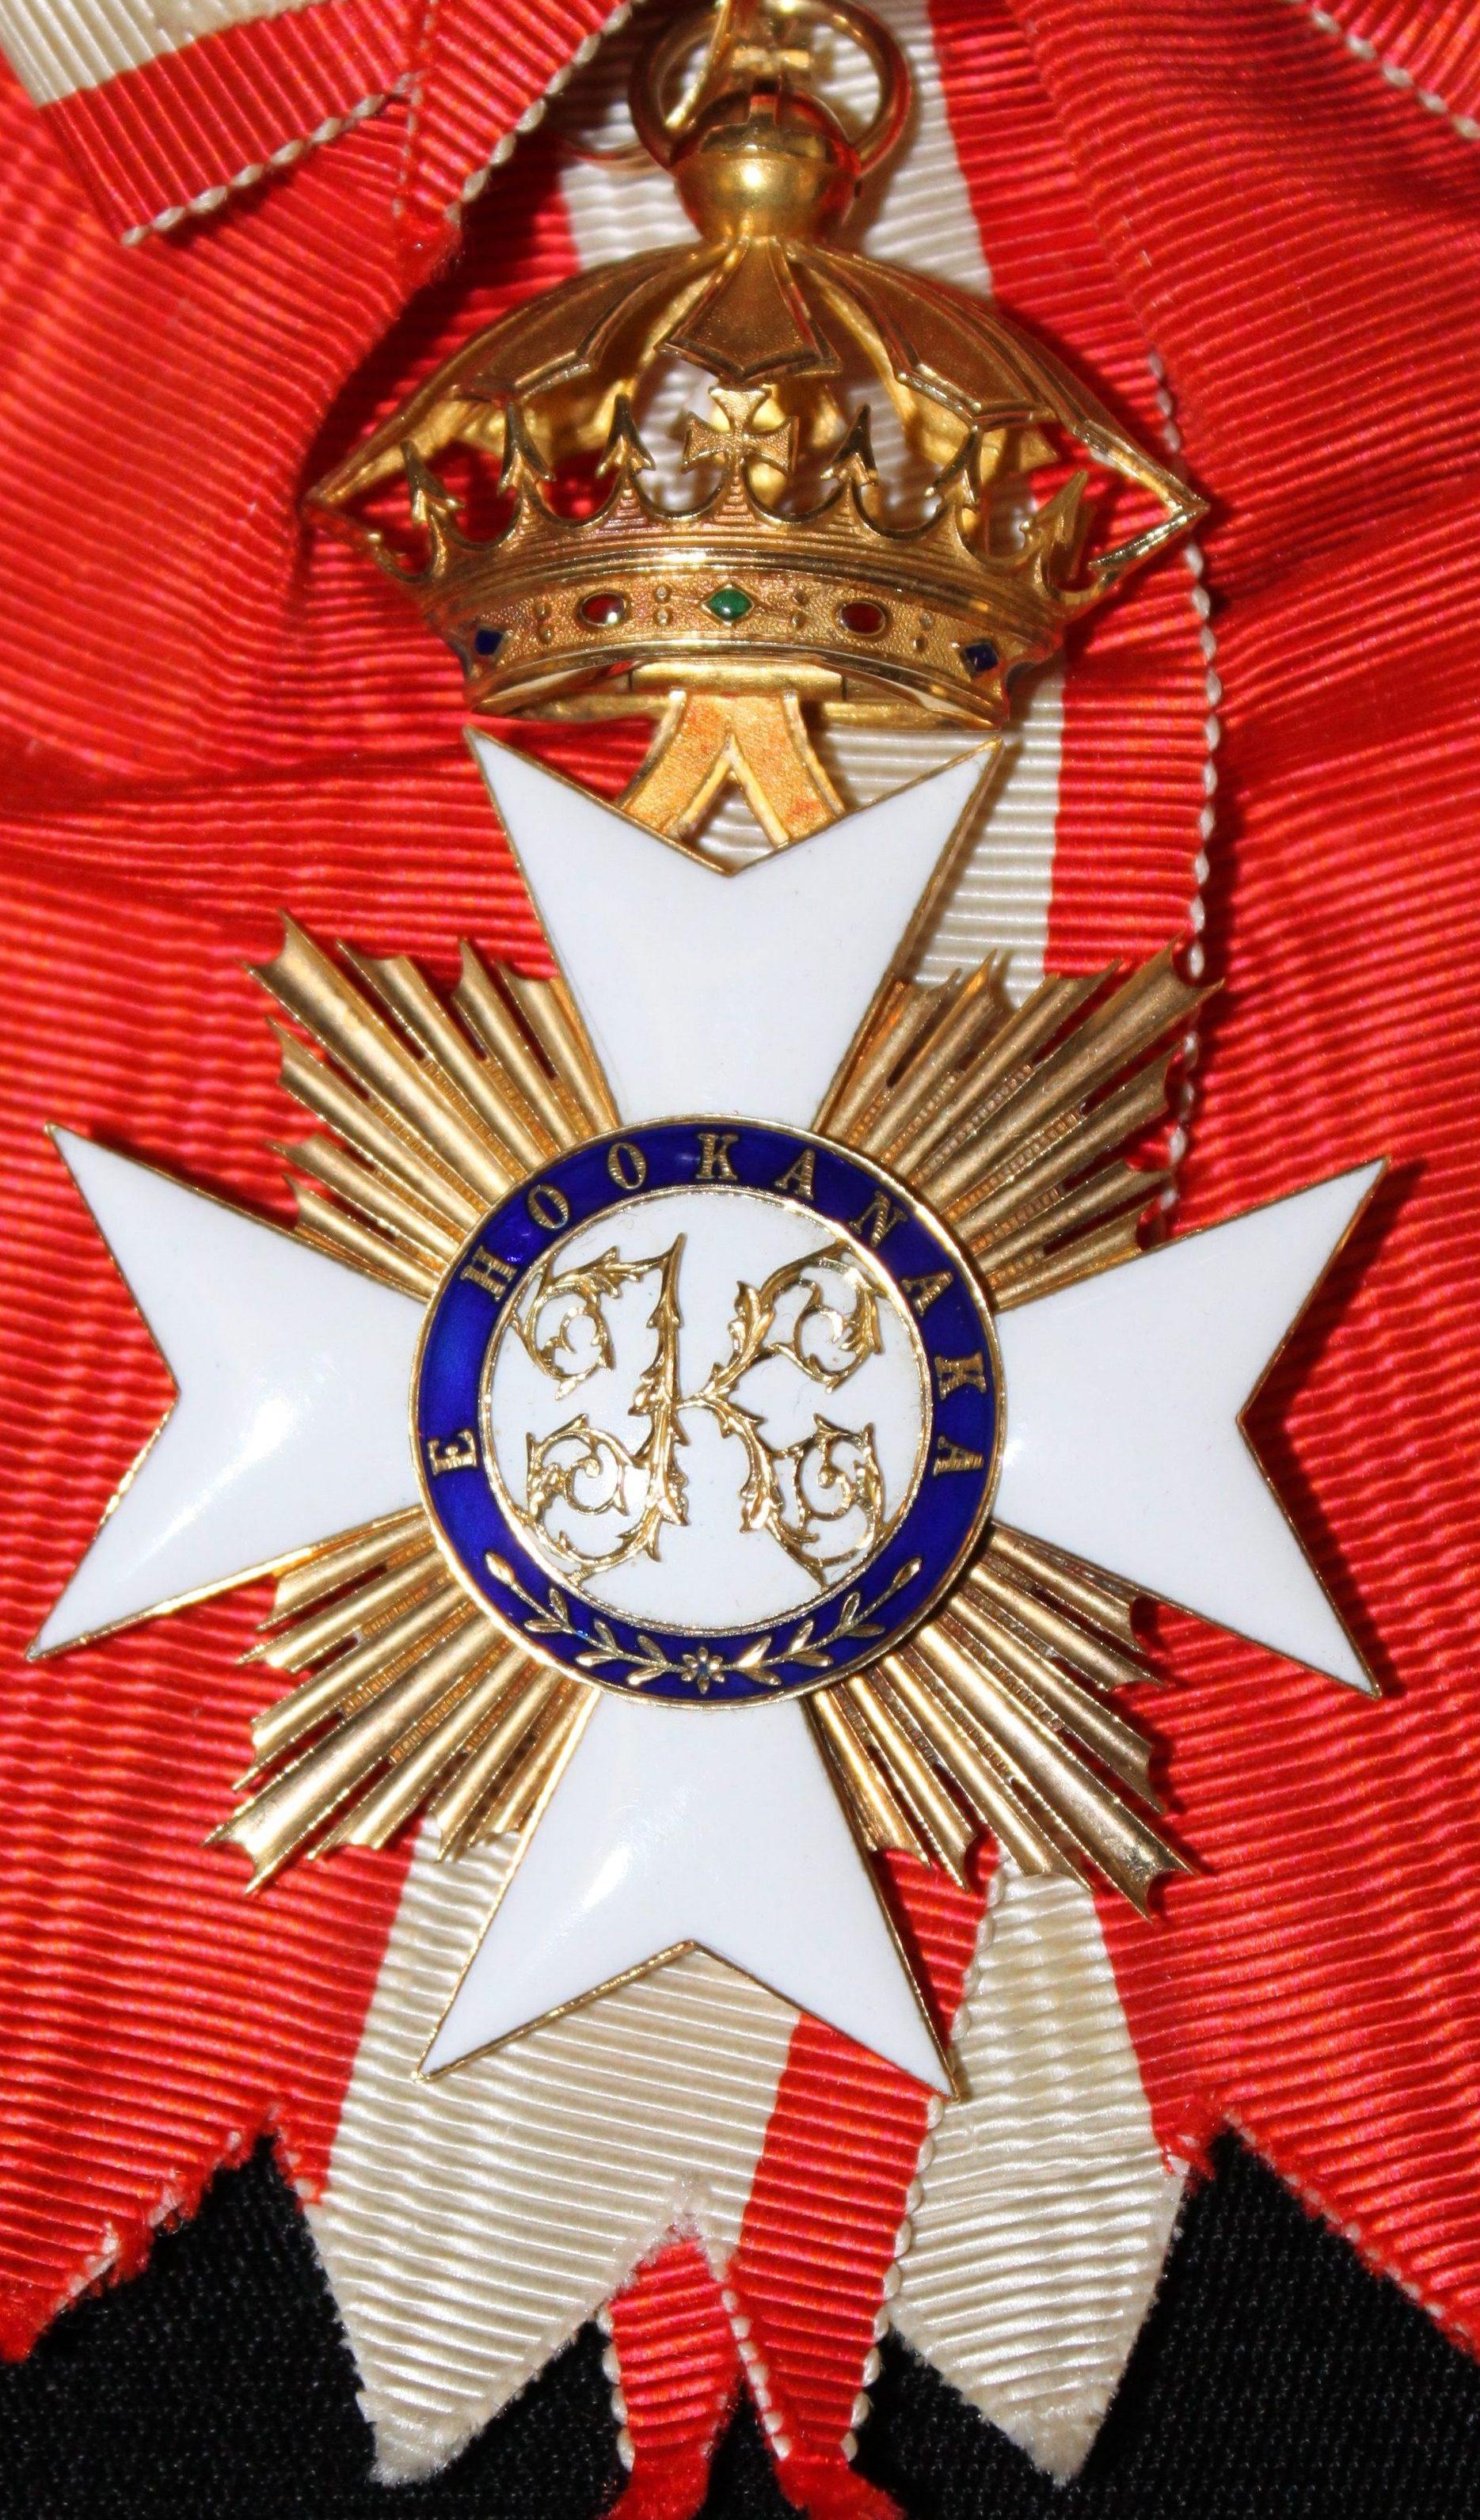 Hawaiian Royal order